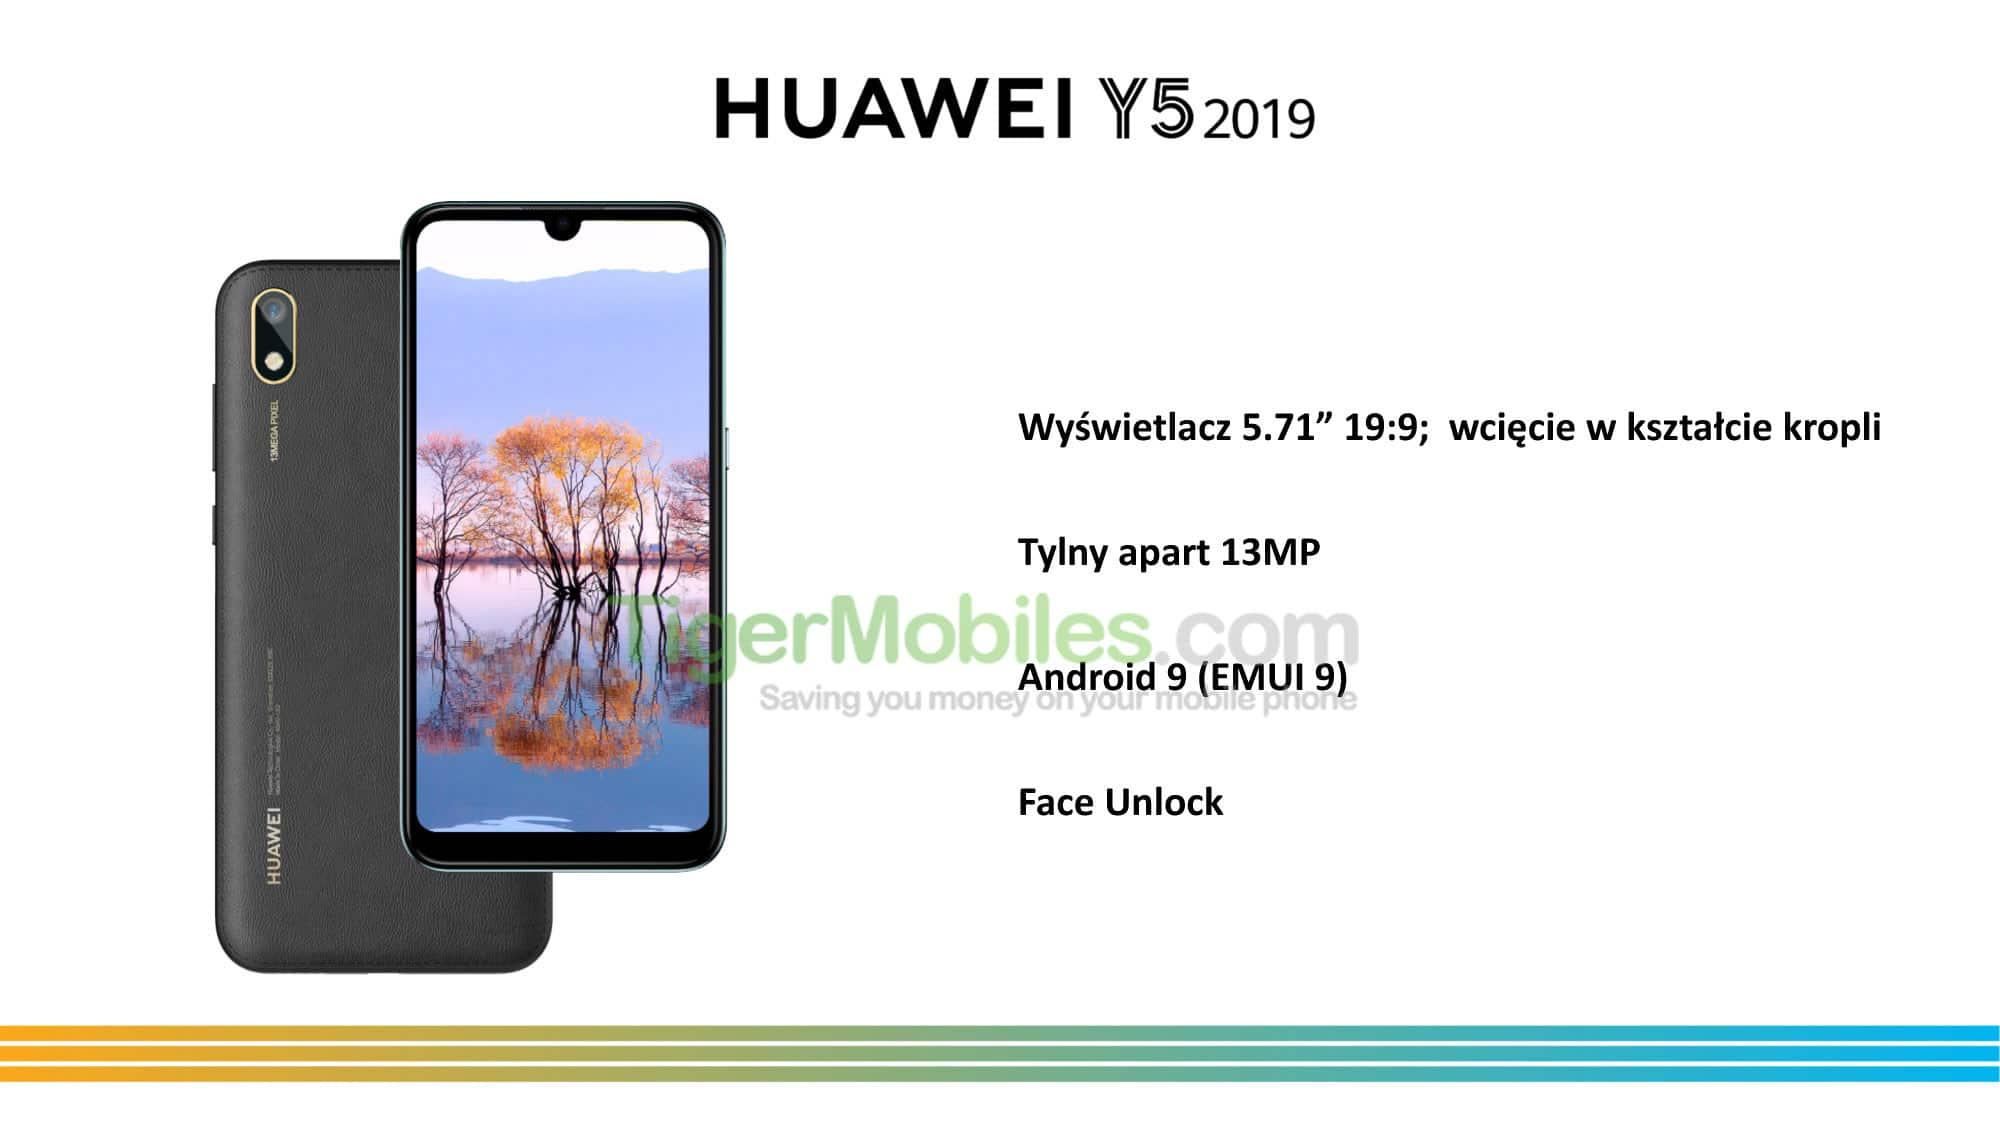 Huawei Y5 2019